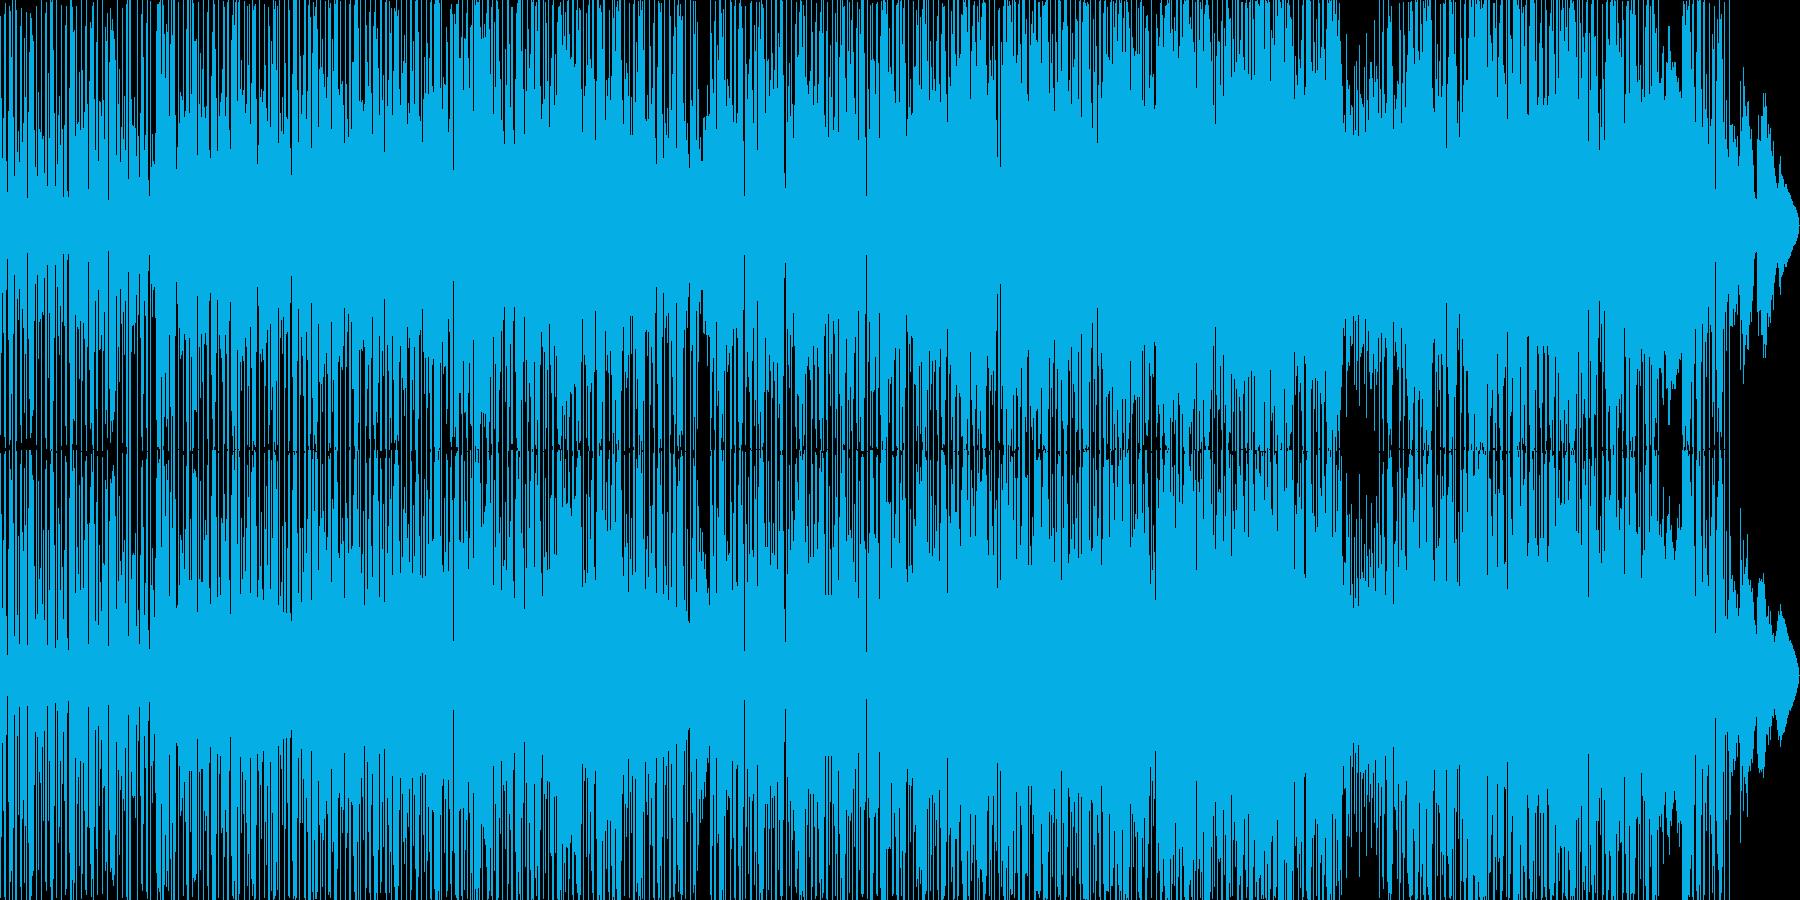 ヒップホップ風のリズムのR&Bバラード5の再生済みの波形